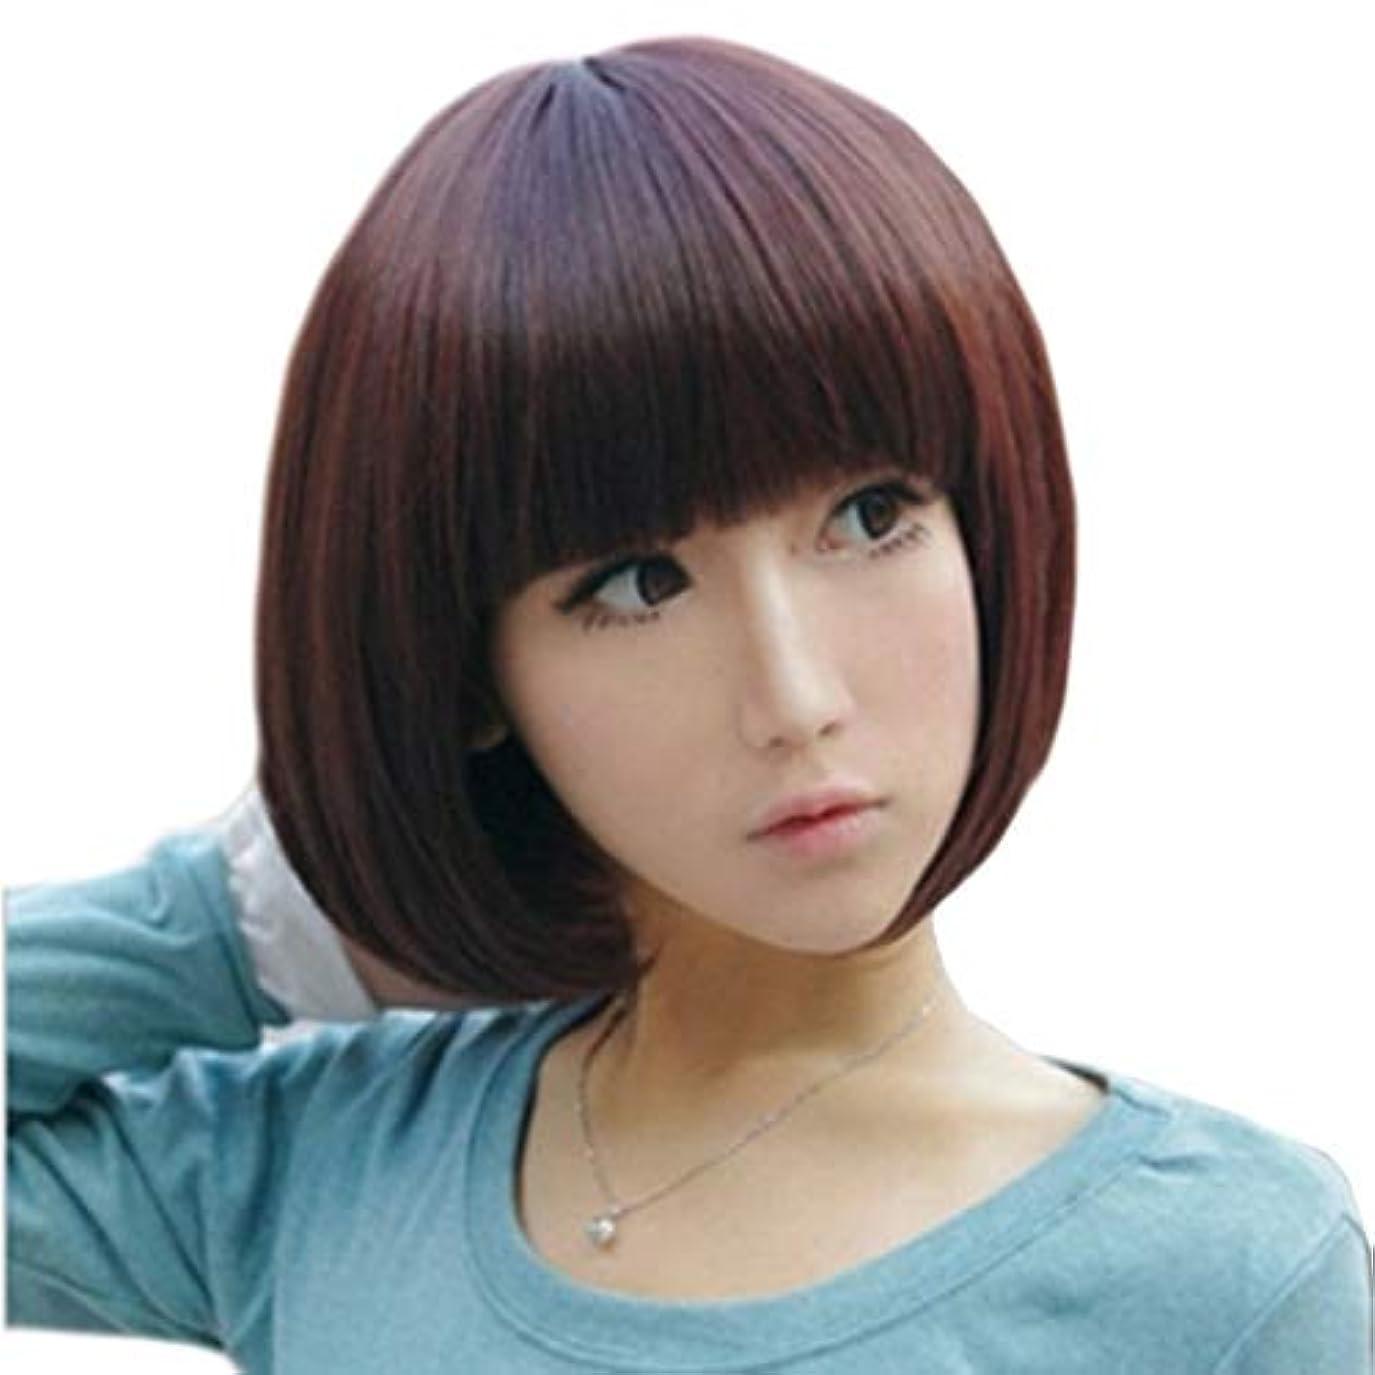 少し城汚染するSummerys 本物の髪のように自然な女性のための平らな前髪でストレートショートボブの髪かつら